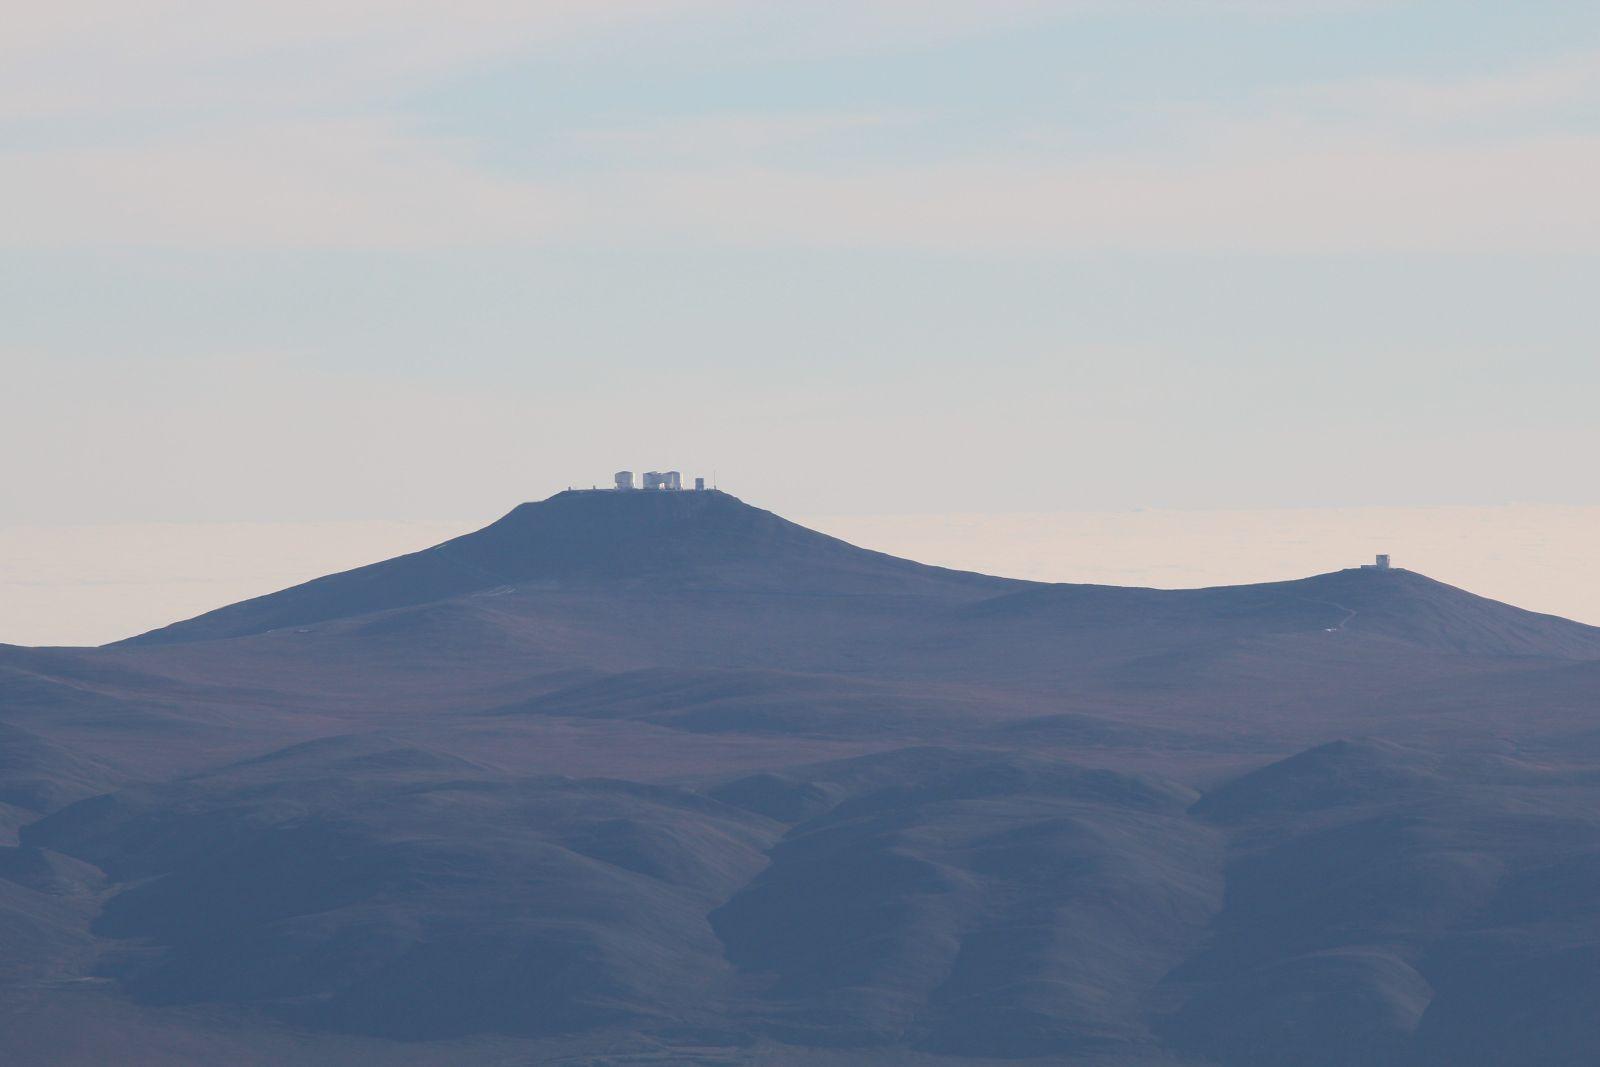 Das Very Large Telescope auf dem Cerro Paranal, gesehen vom Armazones (Foto: Georg Görgen)